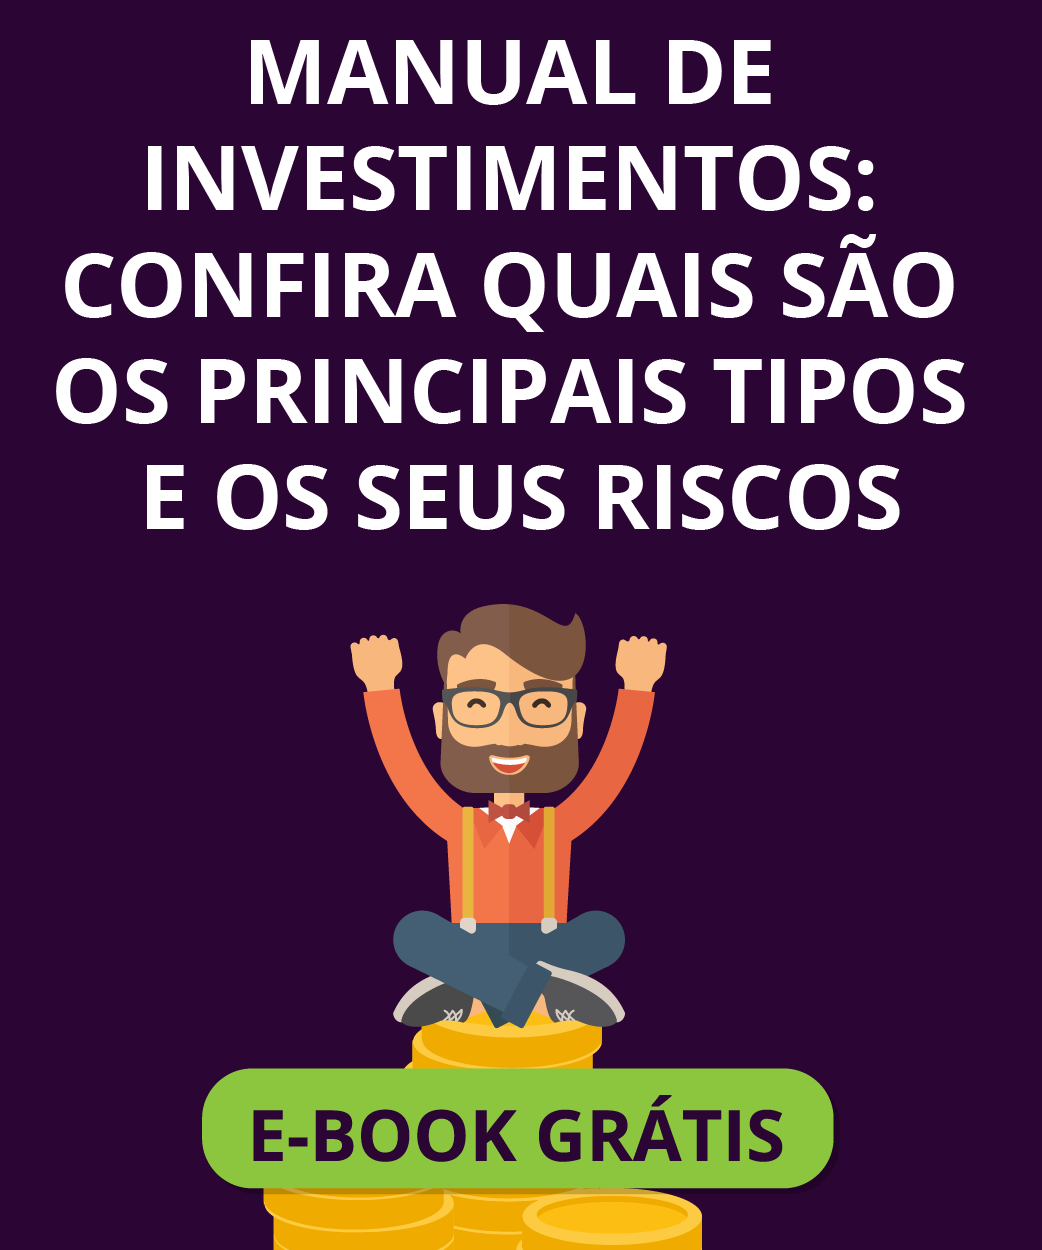 Manual de investimentos: confira quais são os principais tipos e os seus riscos!